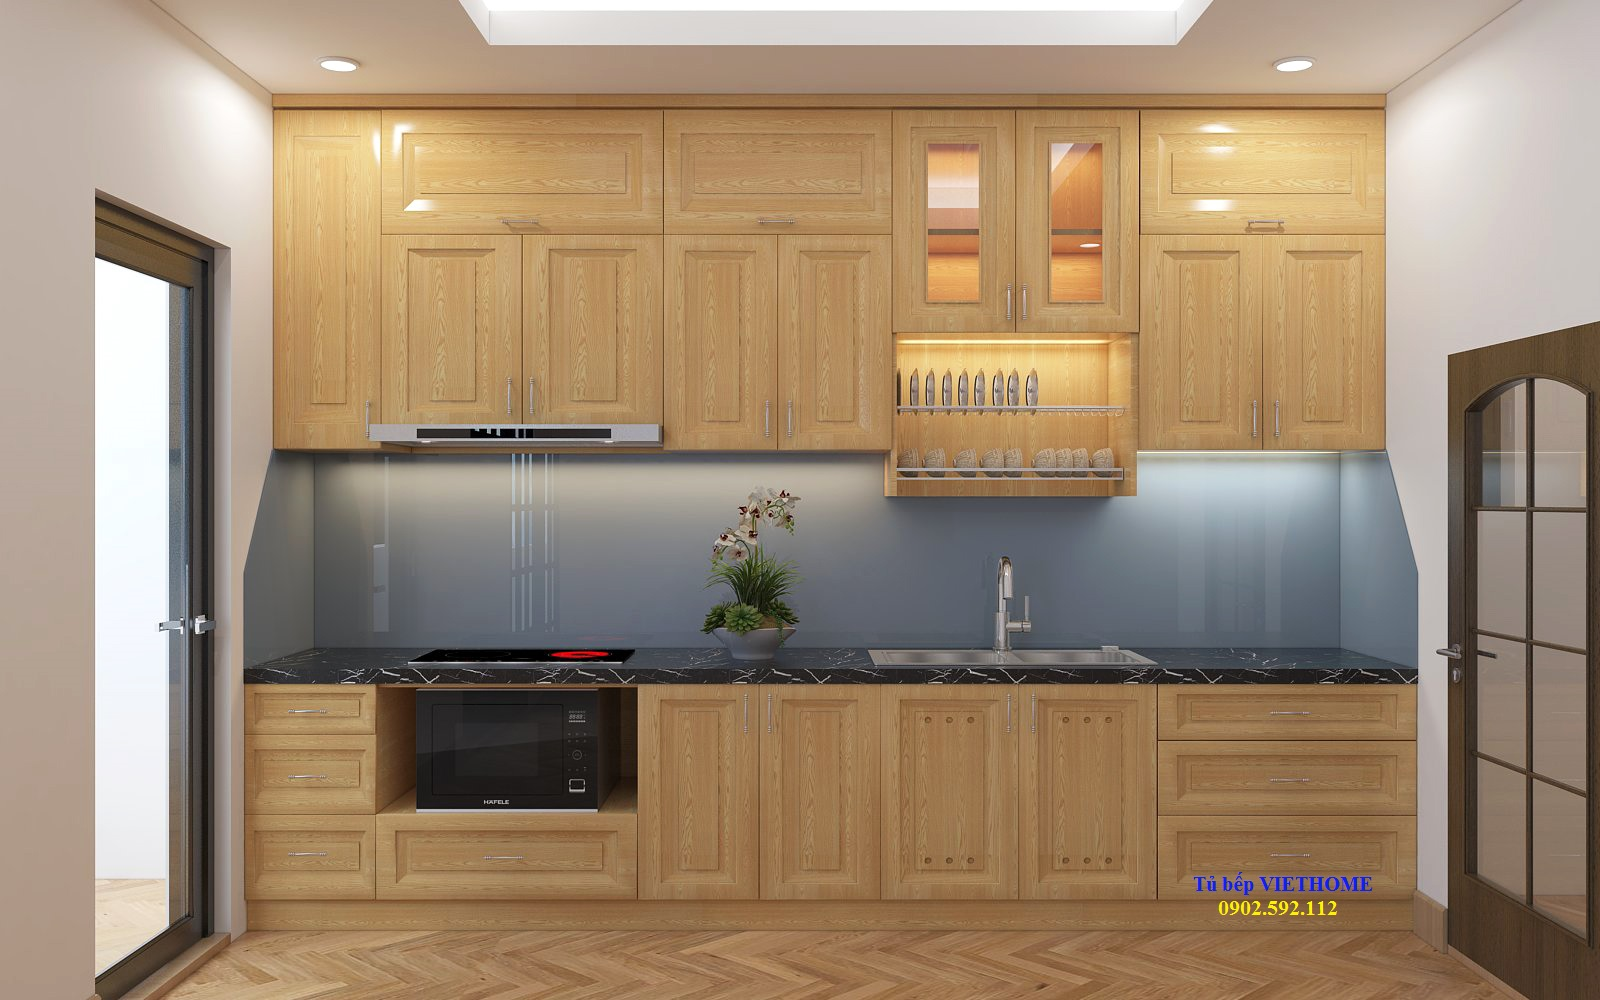 Tủ bếp gỗ tự nhiên khác gỗ công nghiệp như thế nào